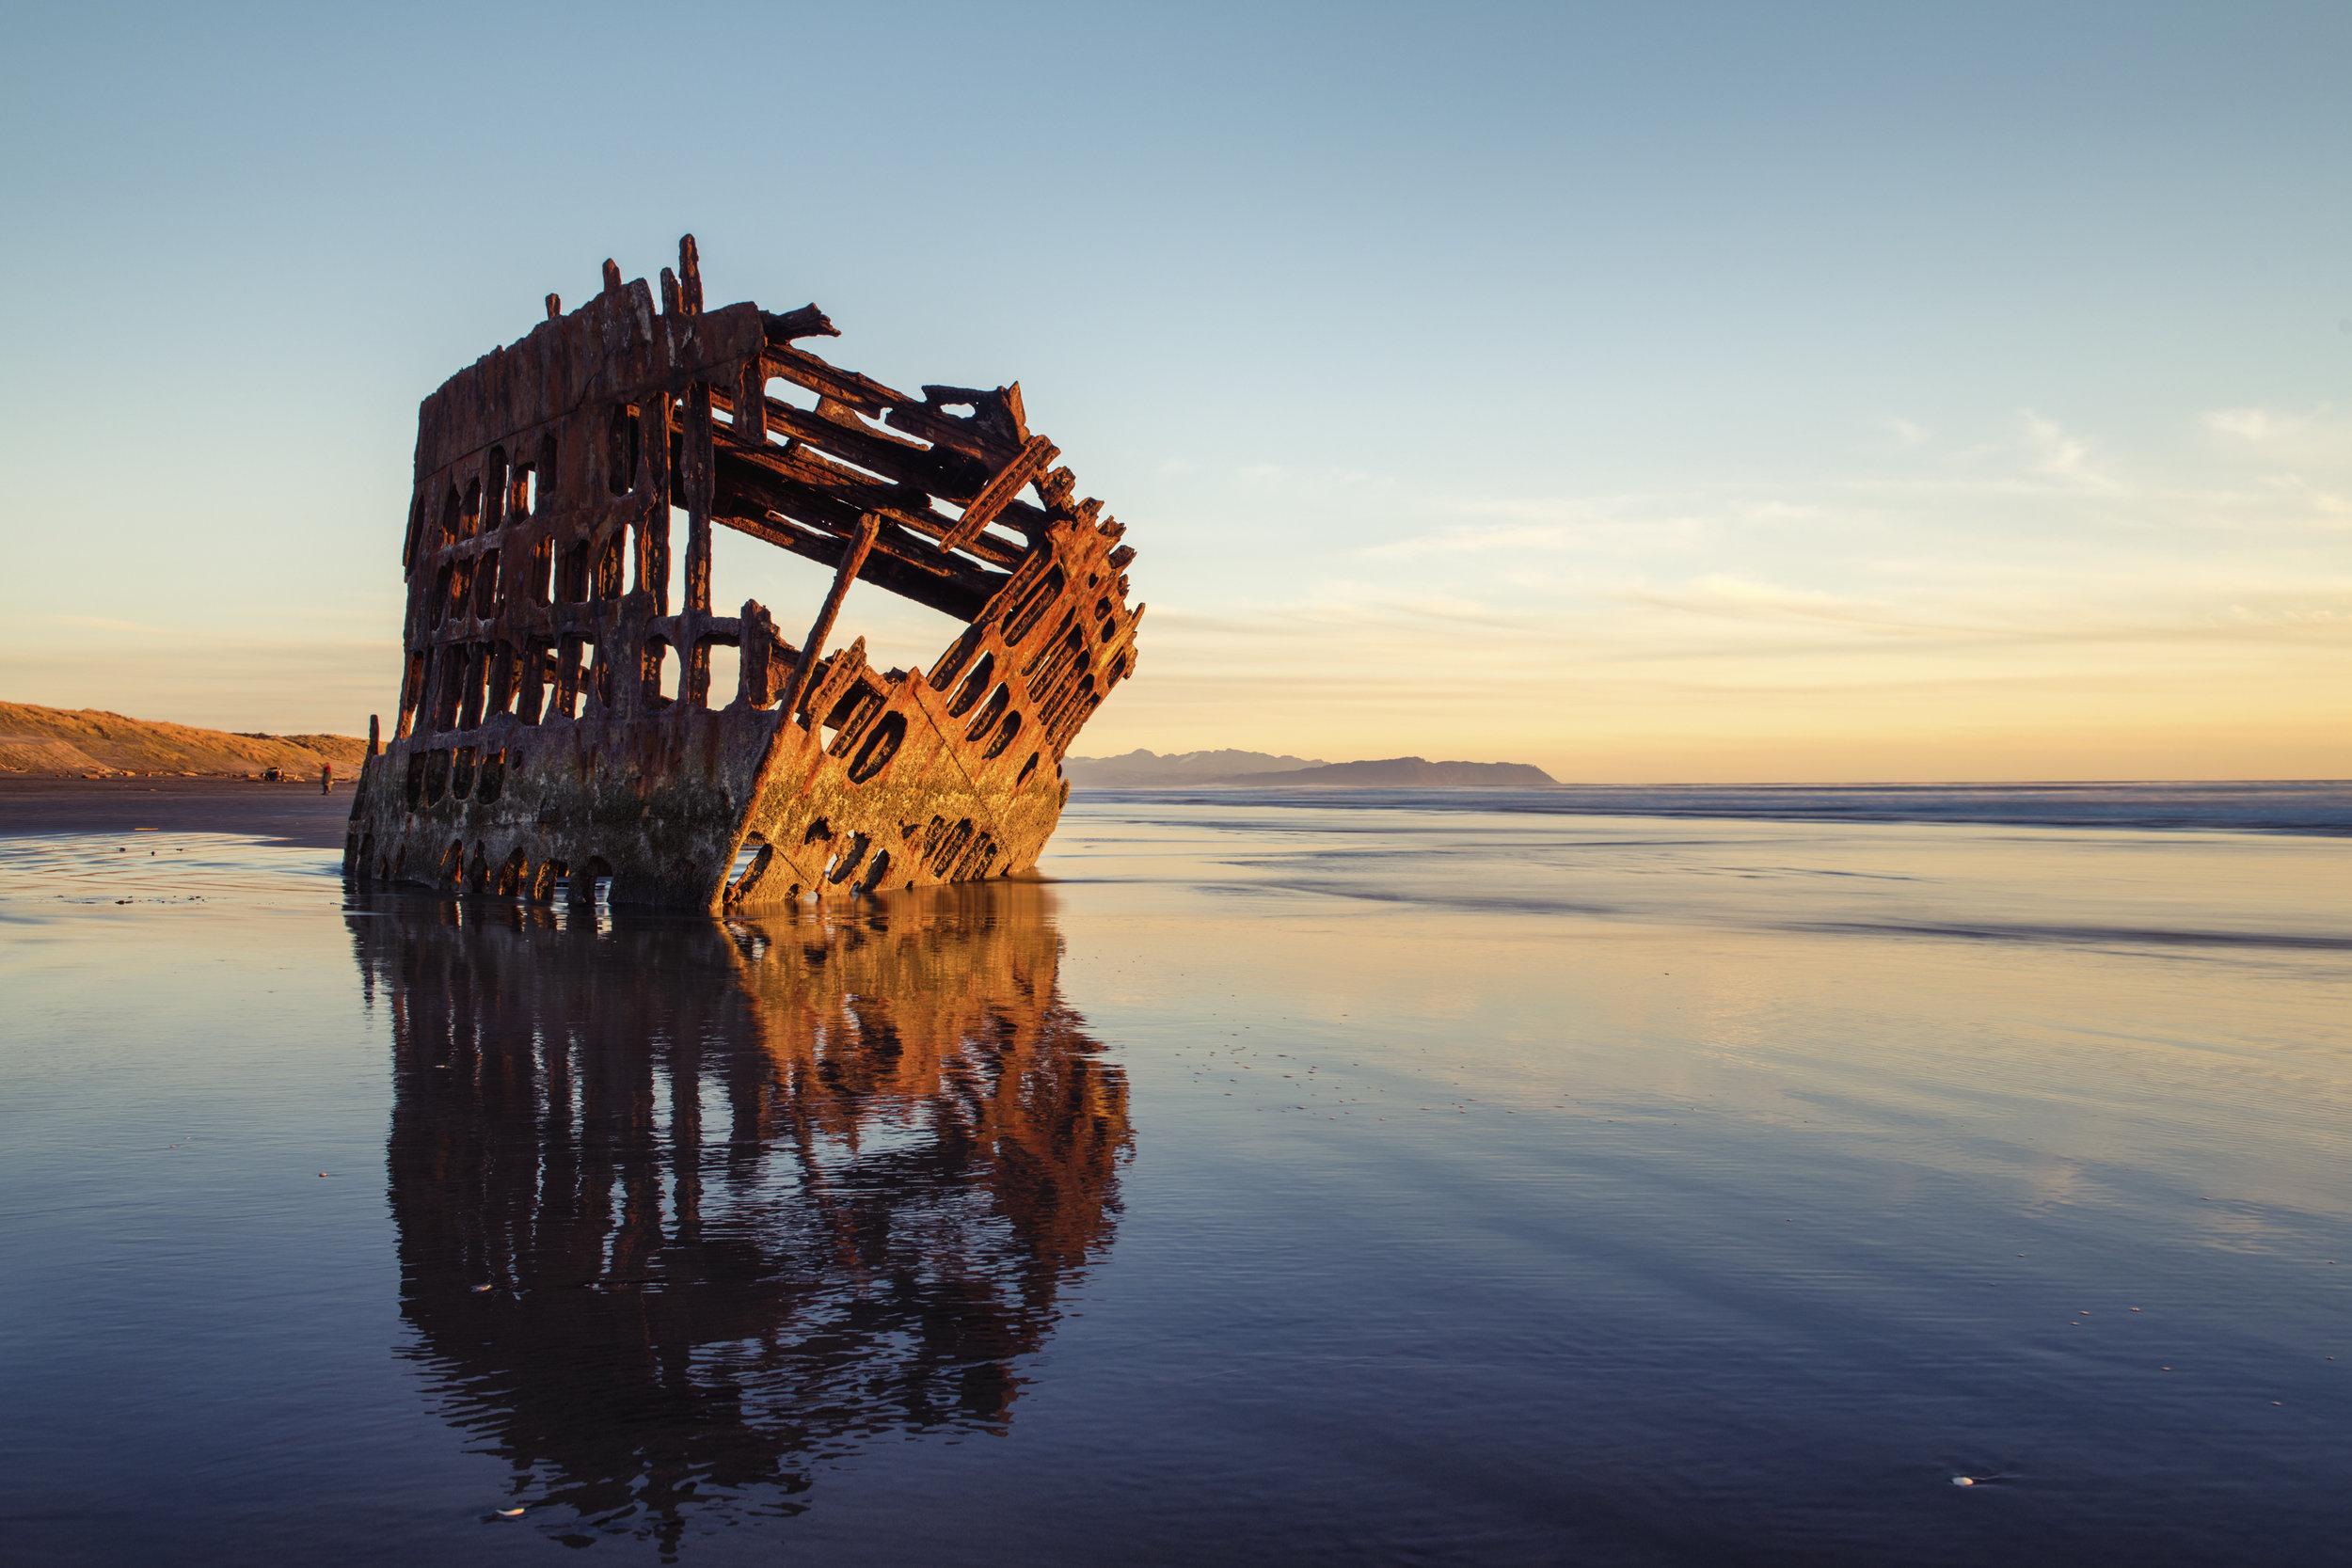 Shipwreck Sunset 3